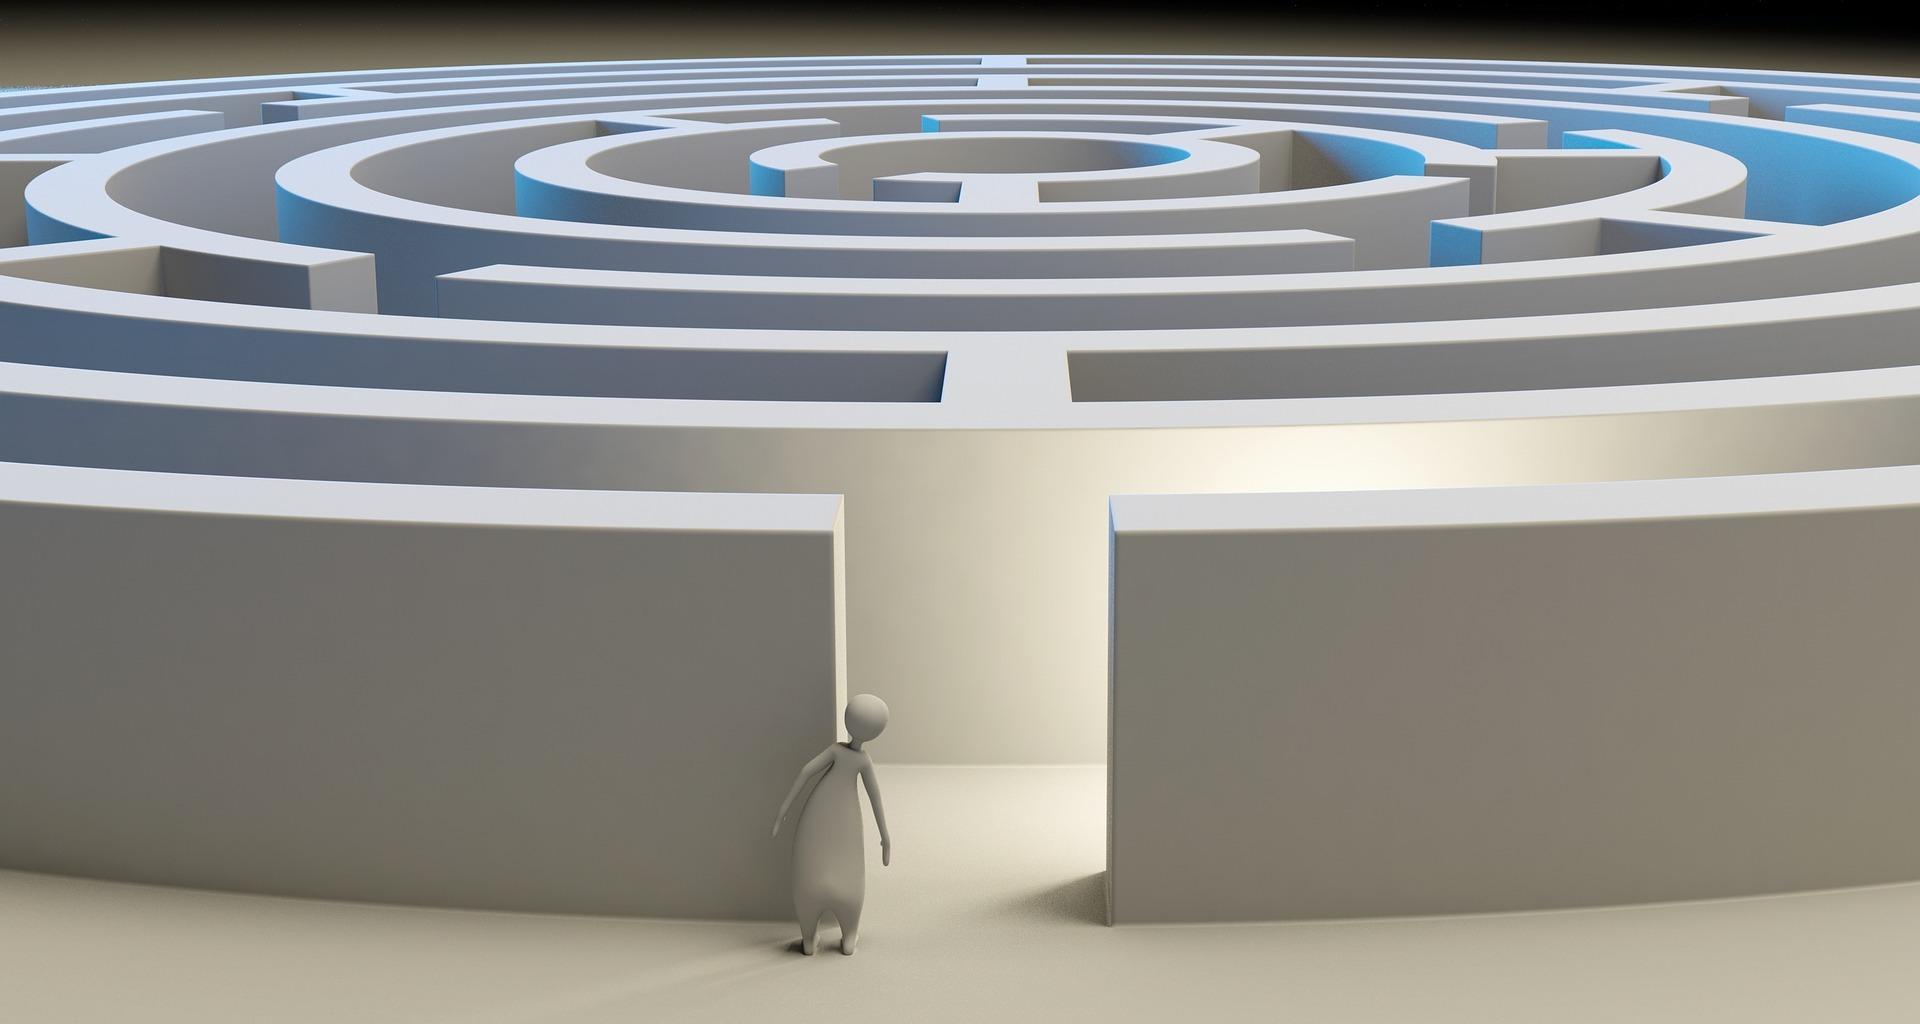 Hahmo astumassa sisään ympyrän muotoiseen labyrinttiin.